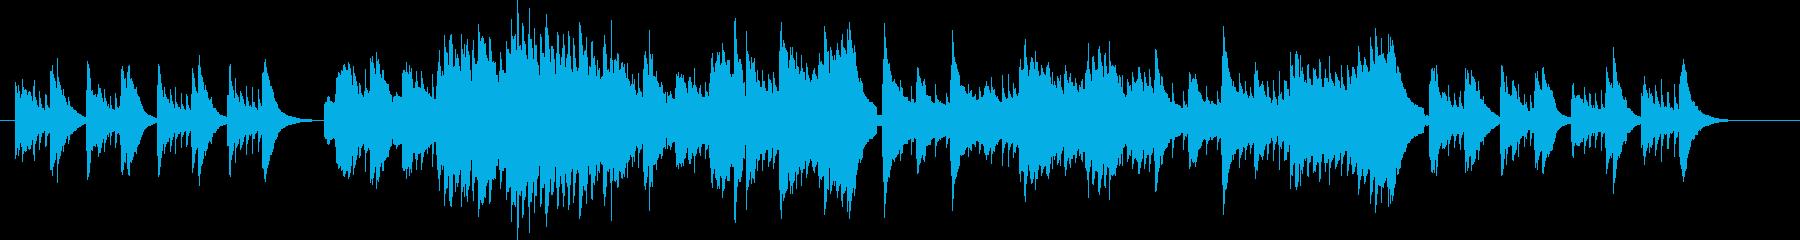 リコーダーとギターのシンプルなアレンジの再生済みの波形